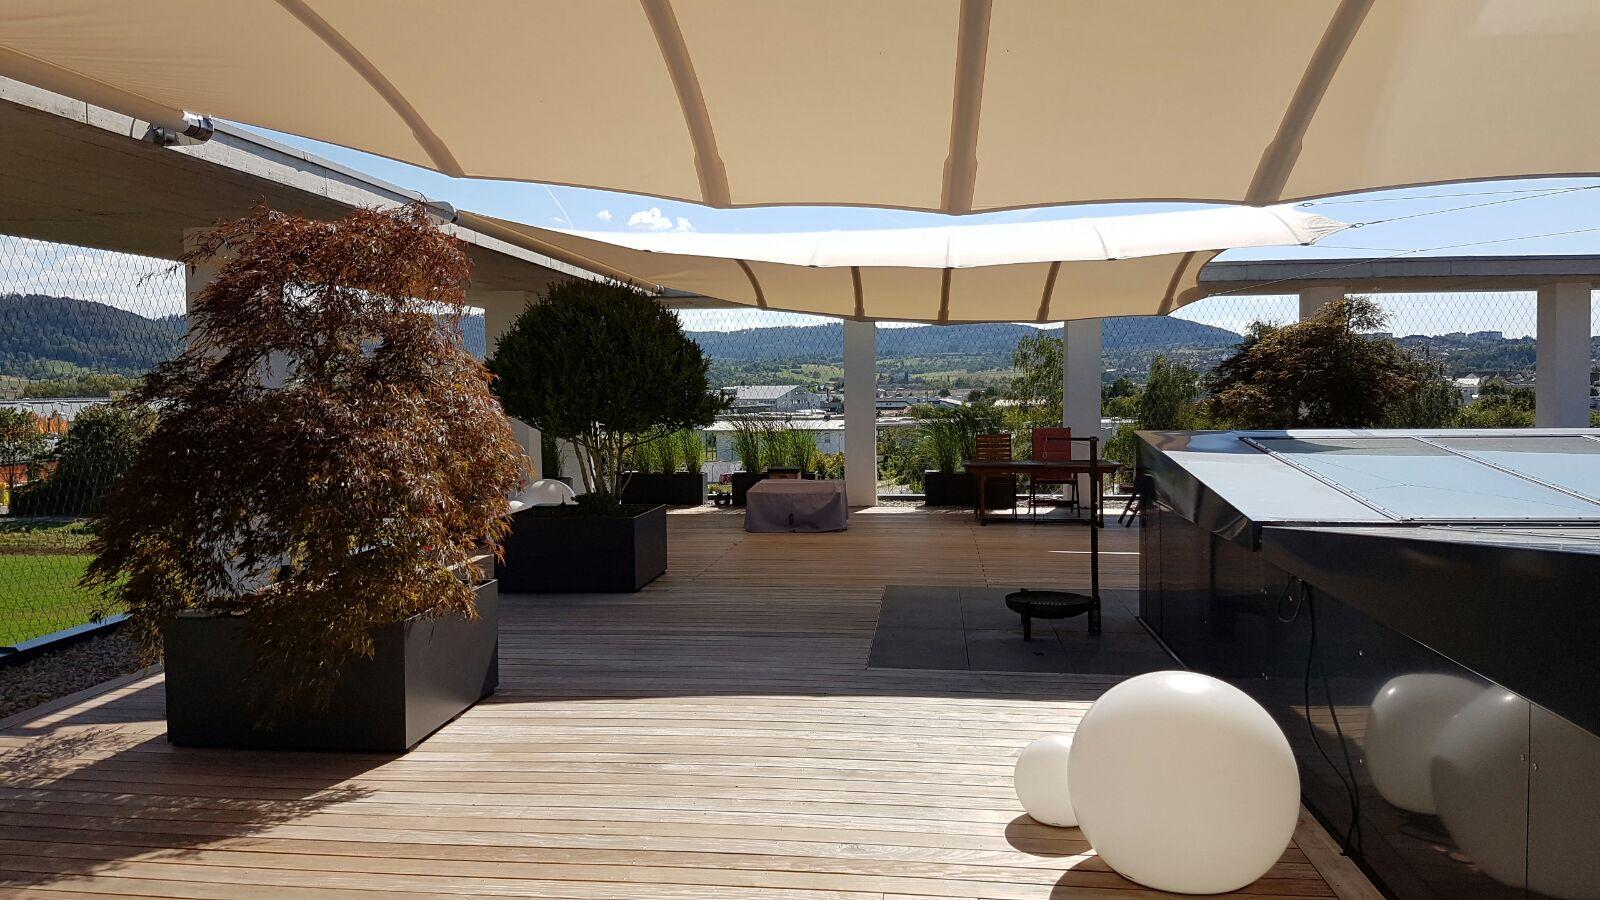 Geiger 39 s gartengestaltung pflanzenwelturbane dachterrasse gestalten rottenburg kiebingen - Dachterrasse gestalten ...